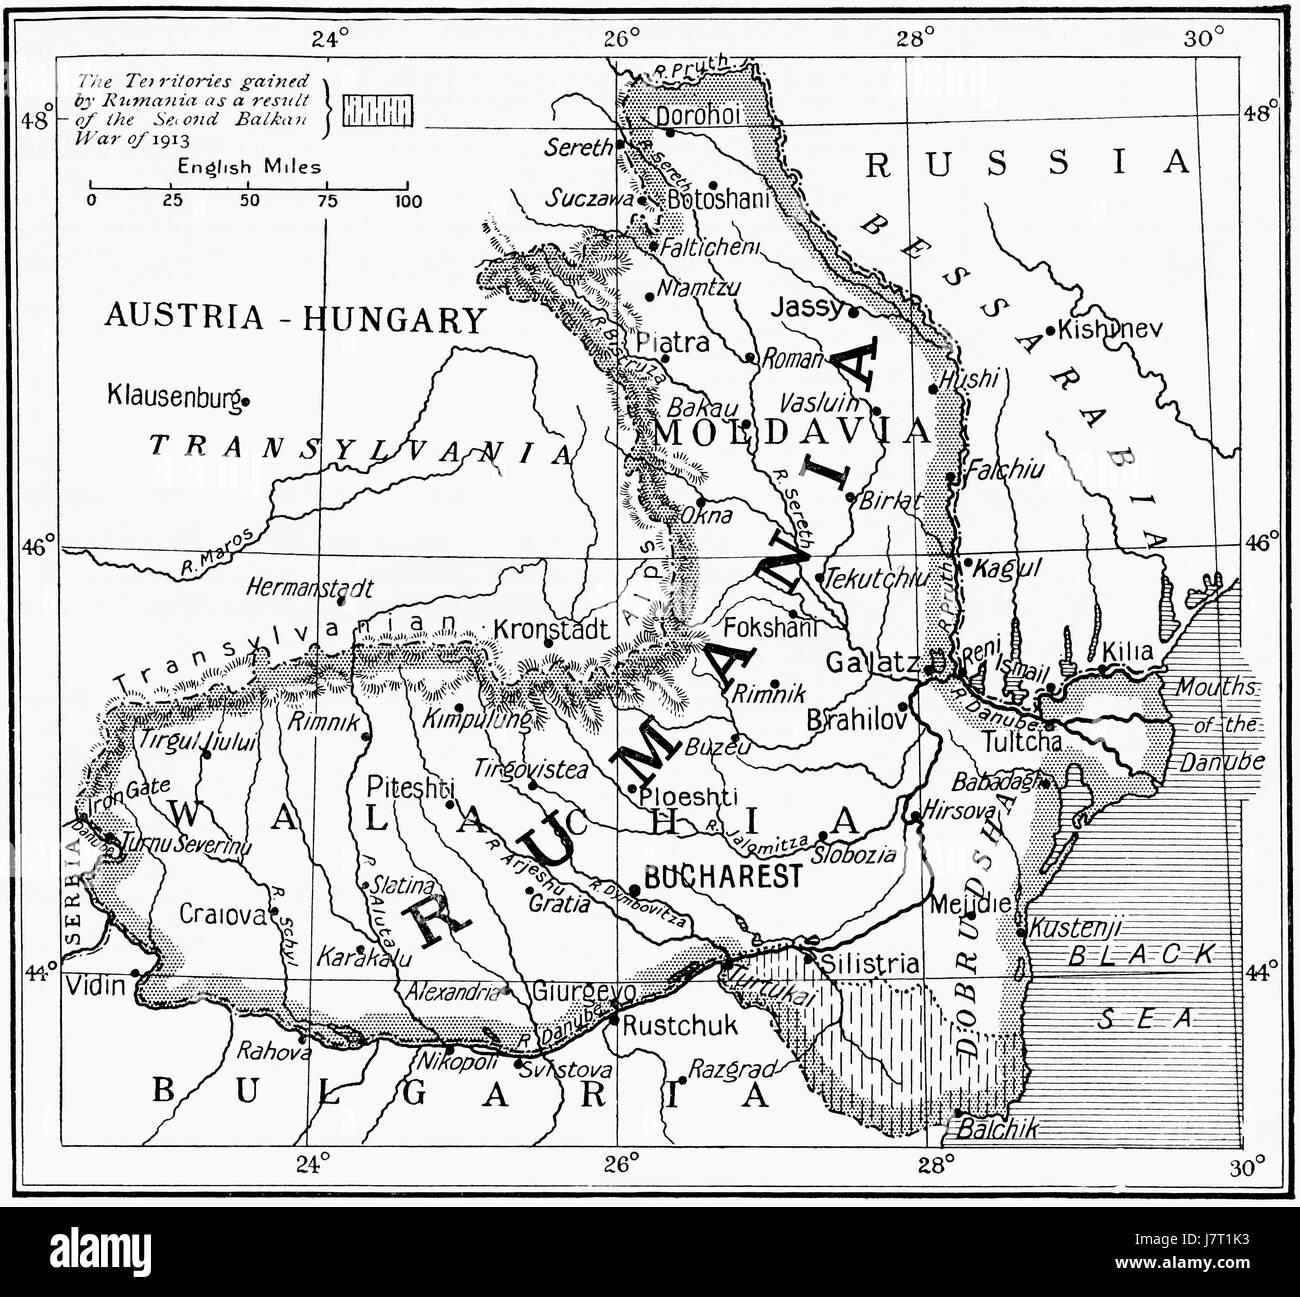 Carte de la Roumanie au début de la PREMIÈRE GUERRE MONDIALE. L'histoire de Hutchinson de l'ONU, Photo Stock